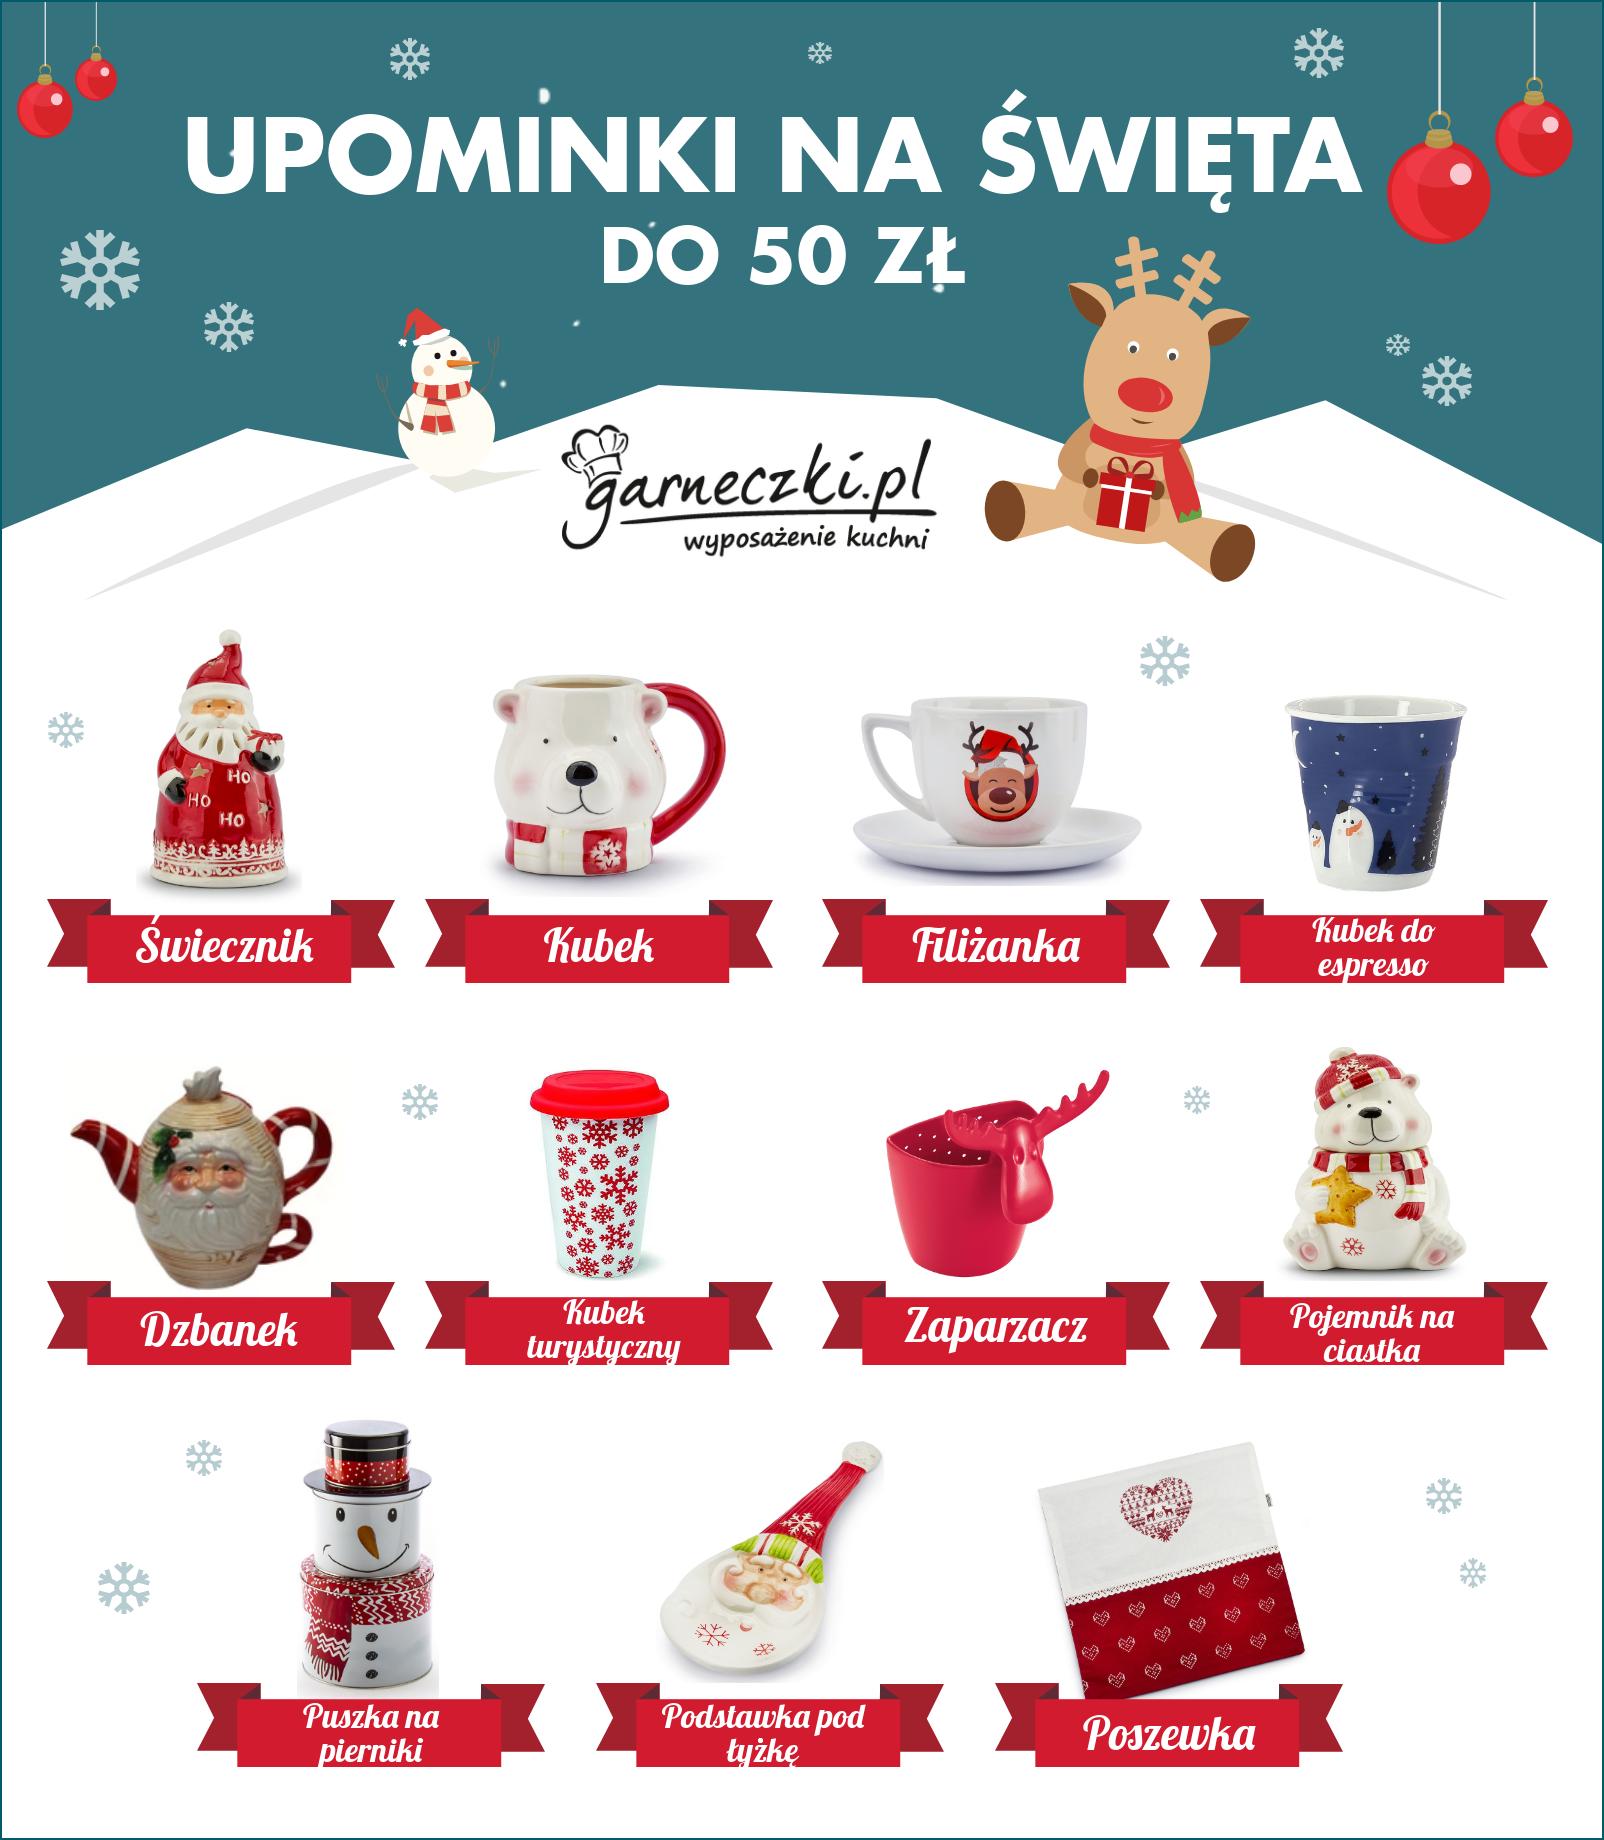 Upominki do 50 zł na święta - infografika